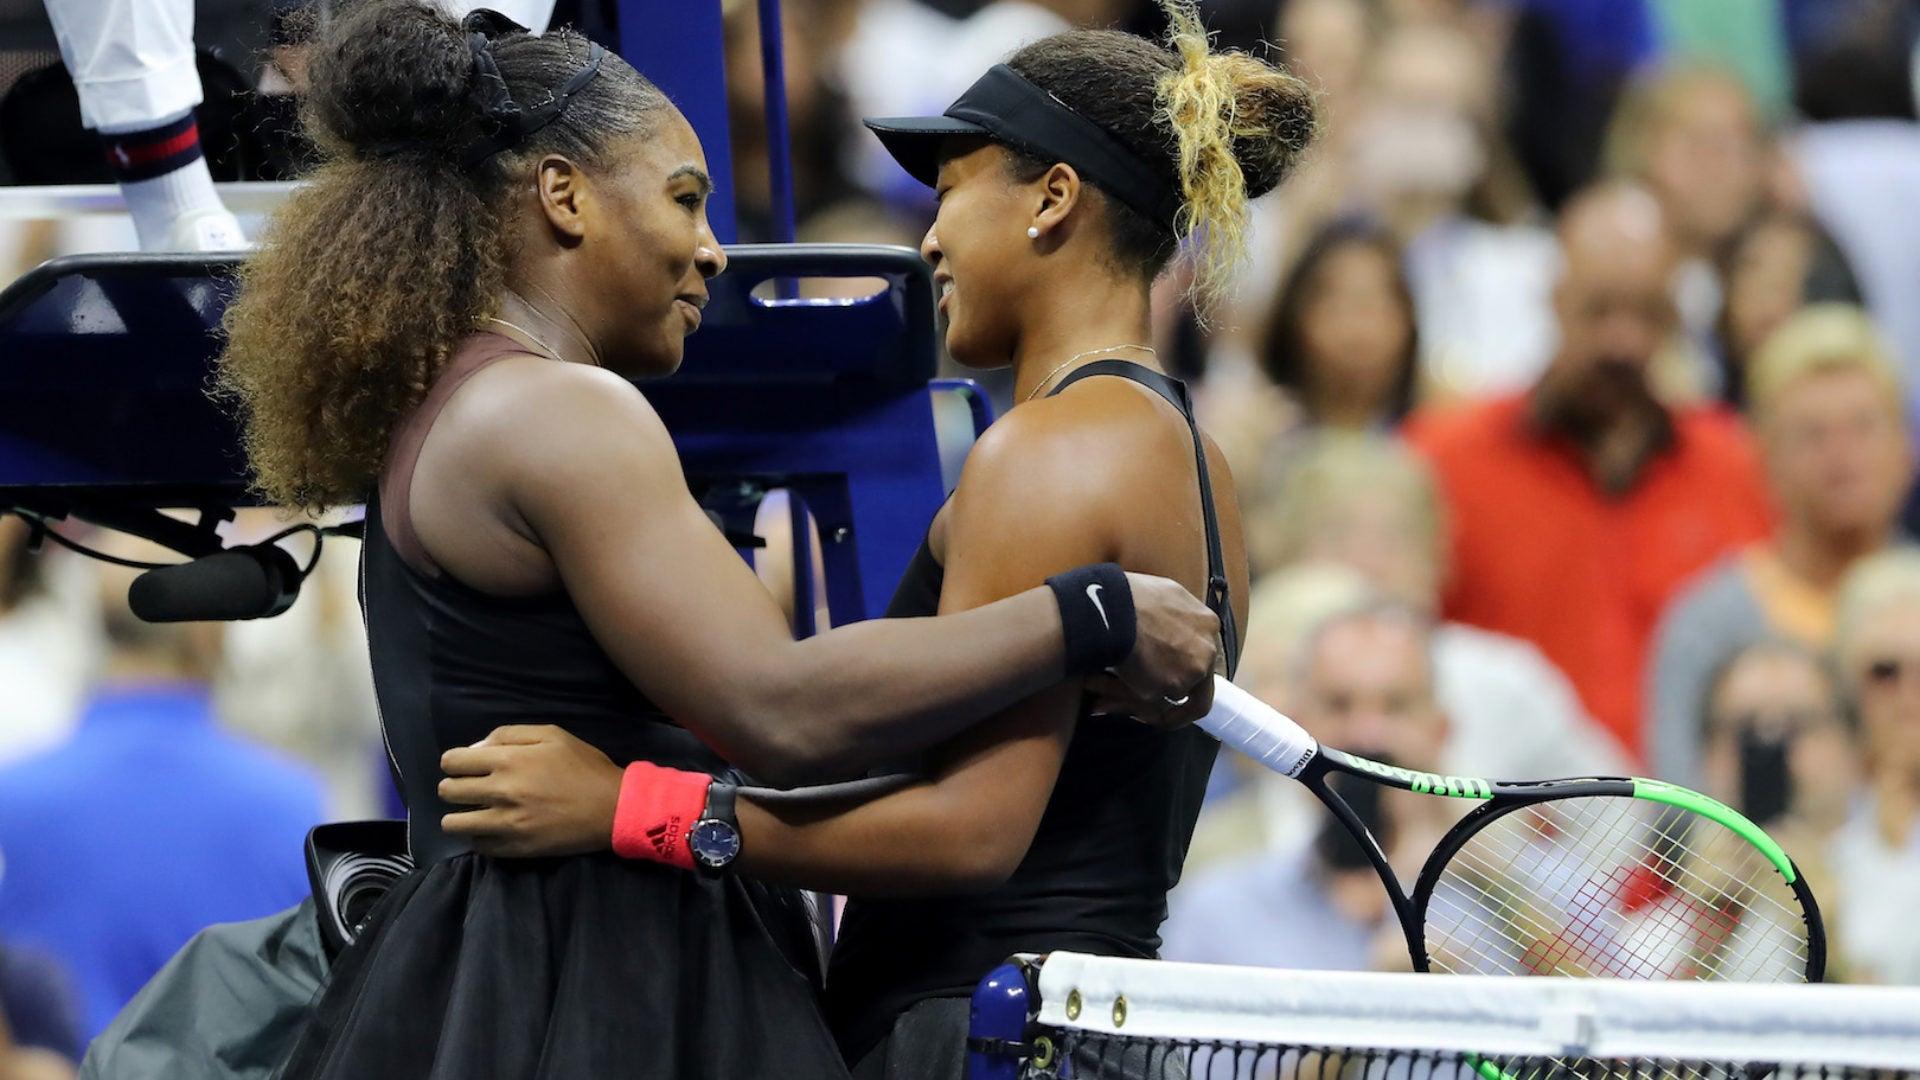 Serena Williams Pens Apology Over 2018 U.S. Open Outburst